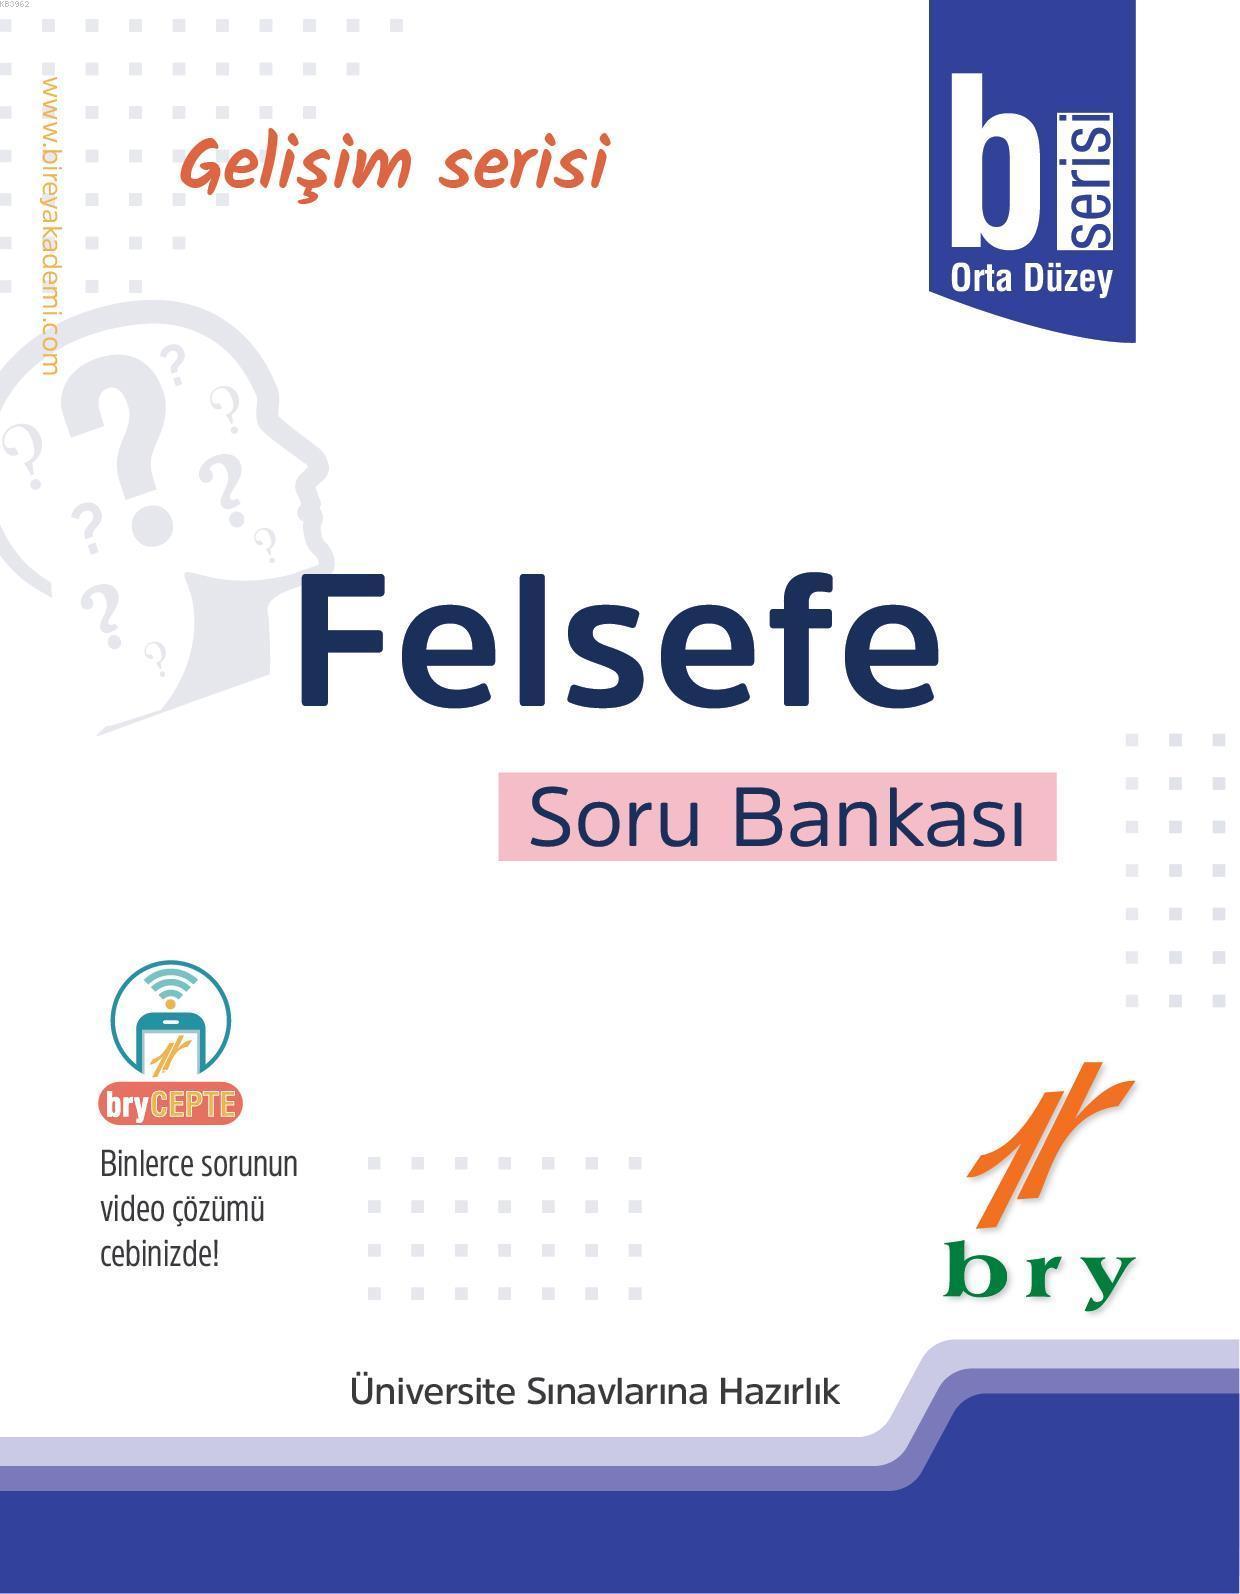 BRY Gelişim Serisi - Felsefe Soru Bankası